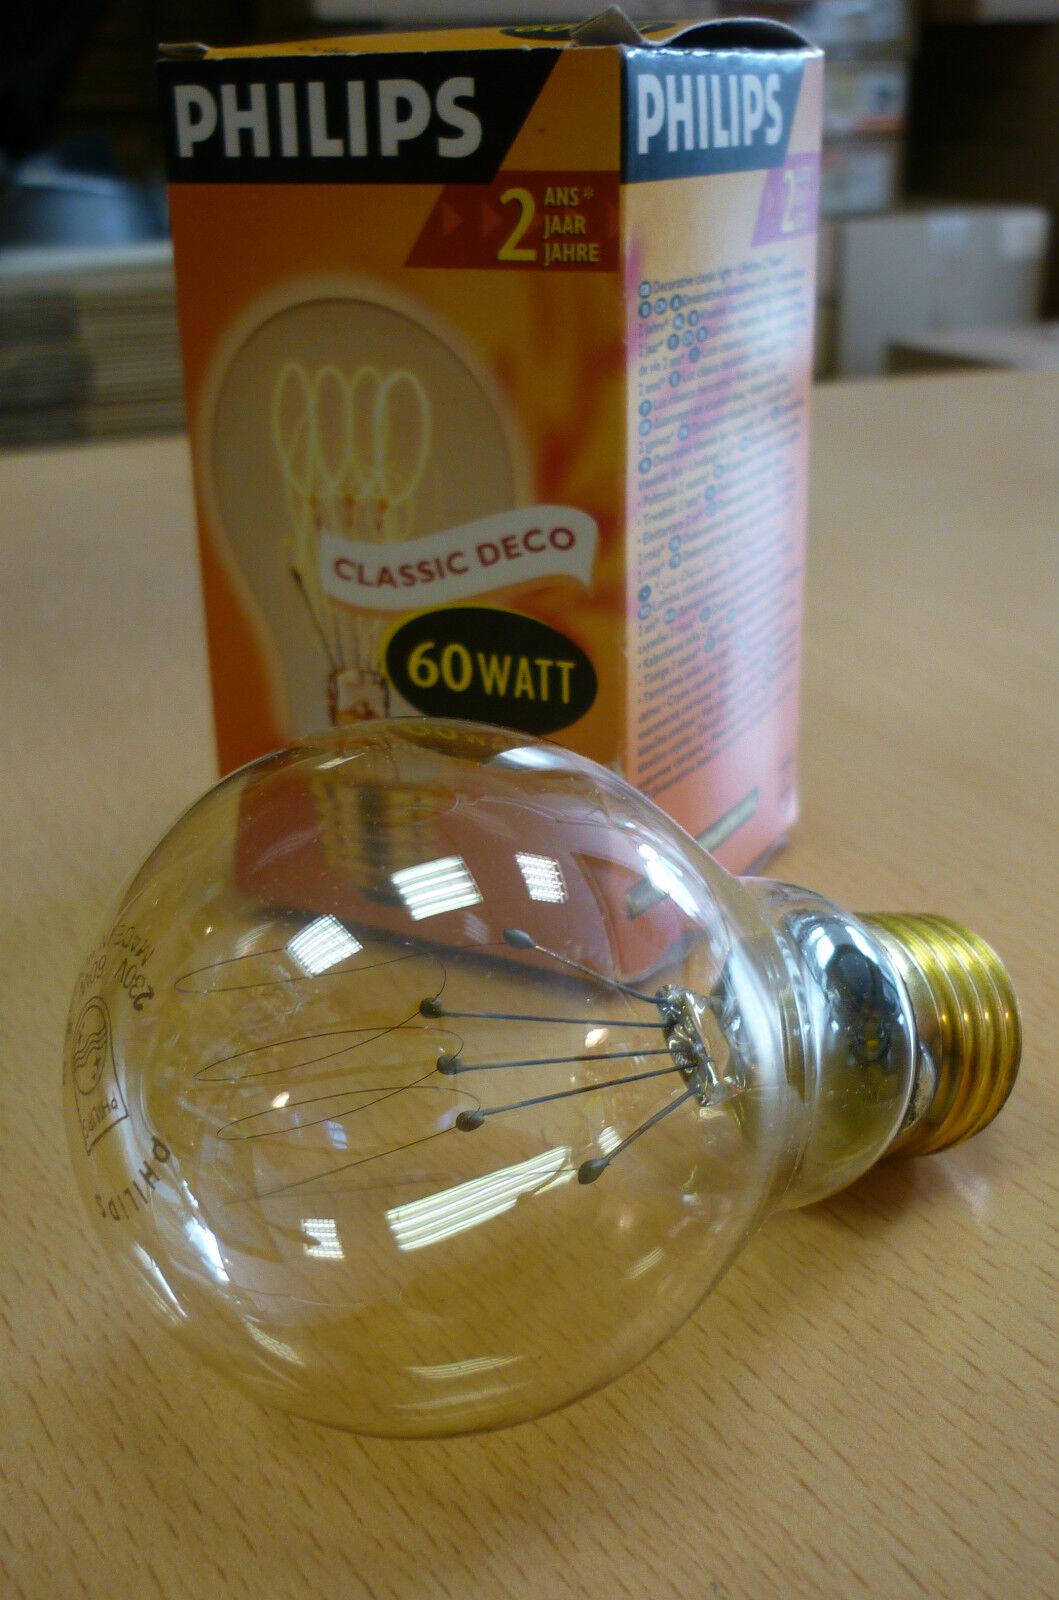 PHILIPS Kohlefadenlampe E27 60W CLASSIC DECO Glühlampe Kohlefaden Carbonlamp